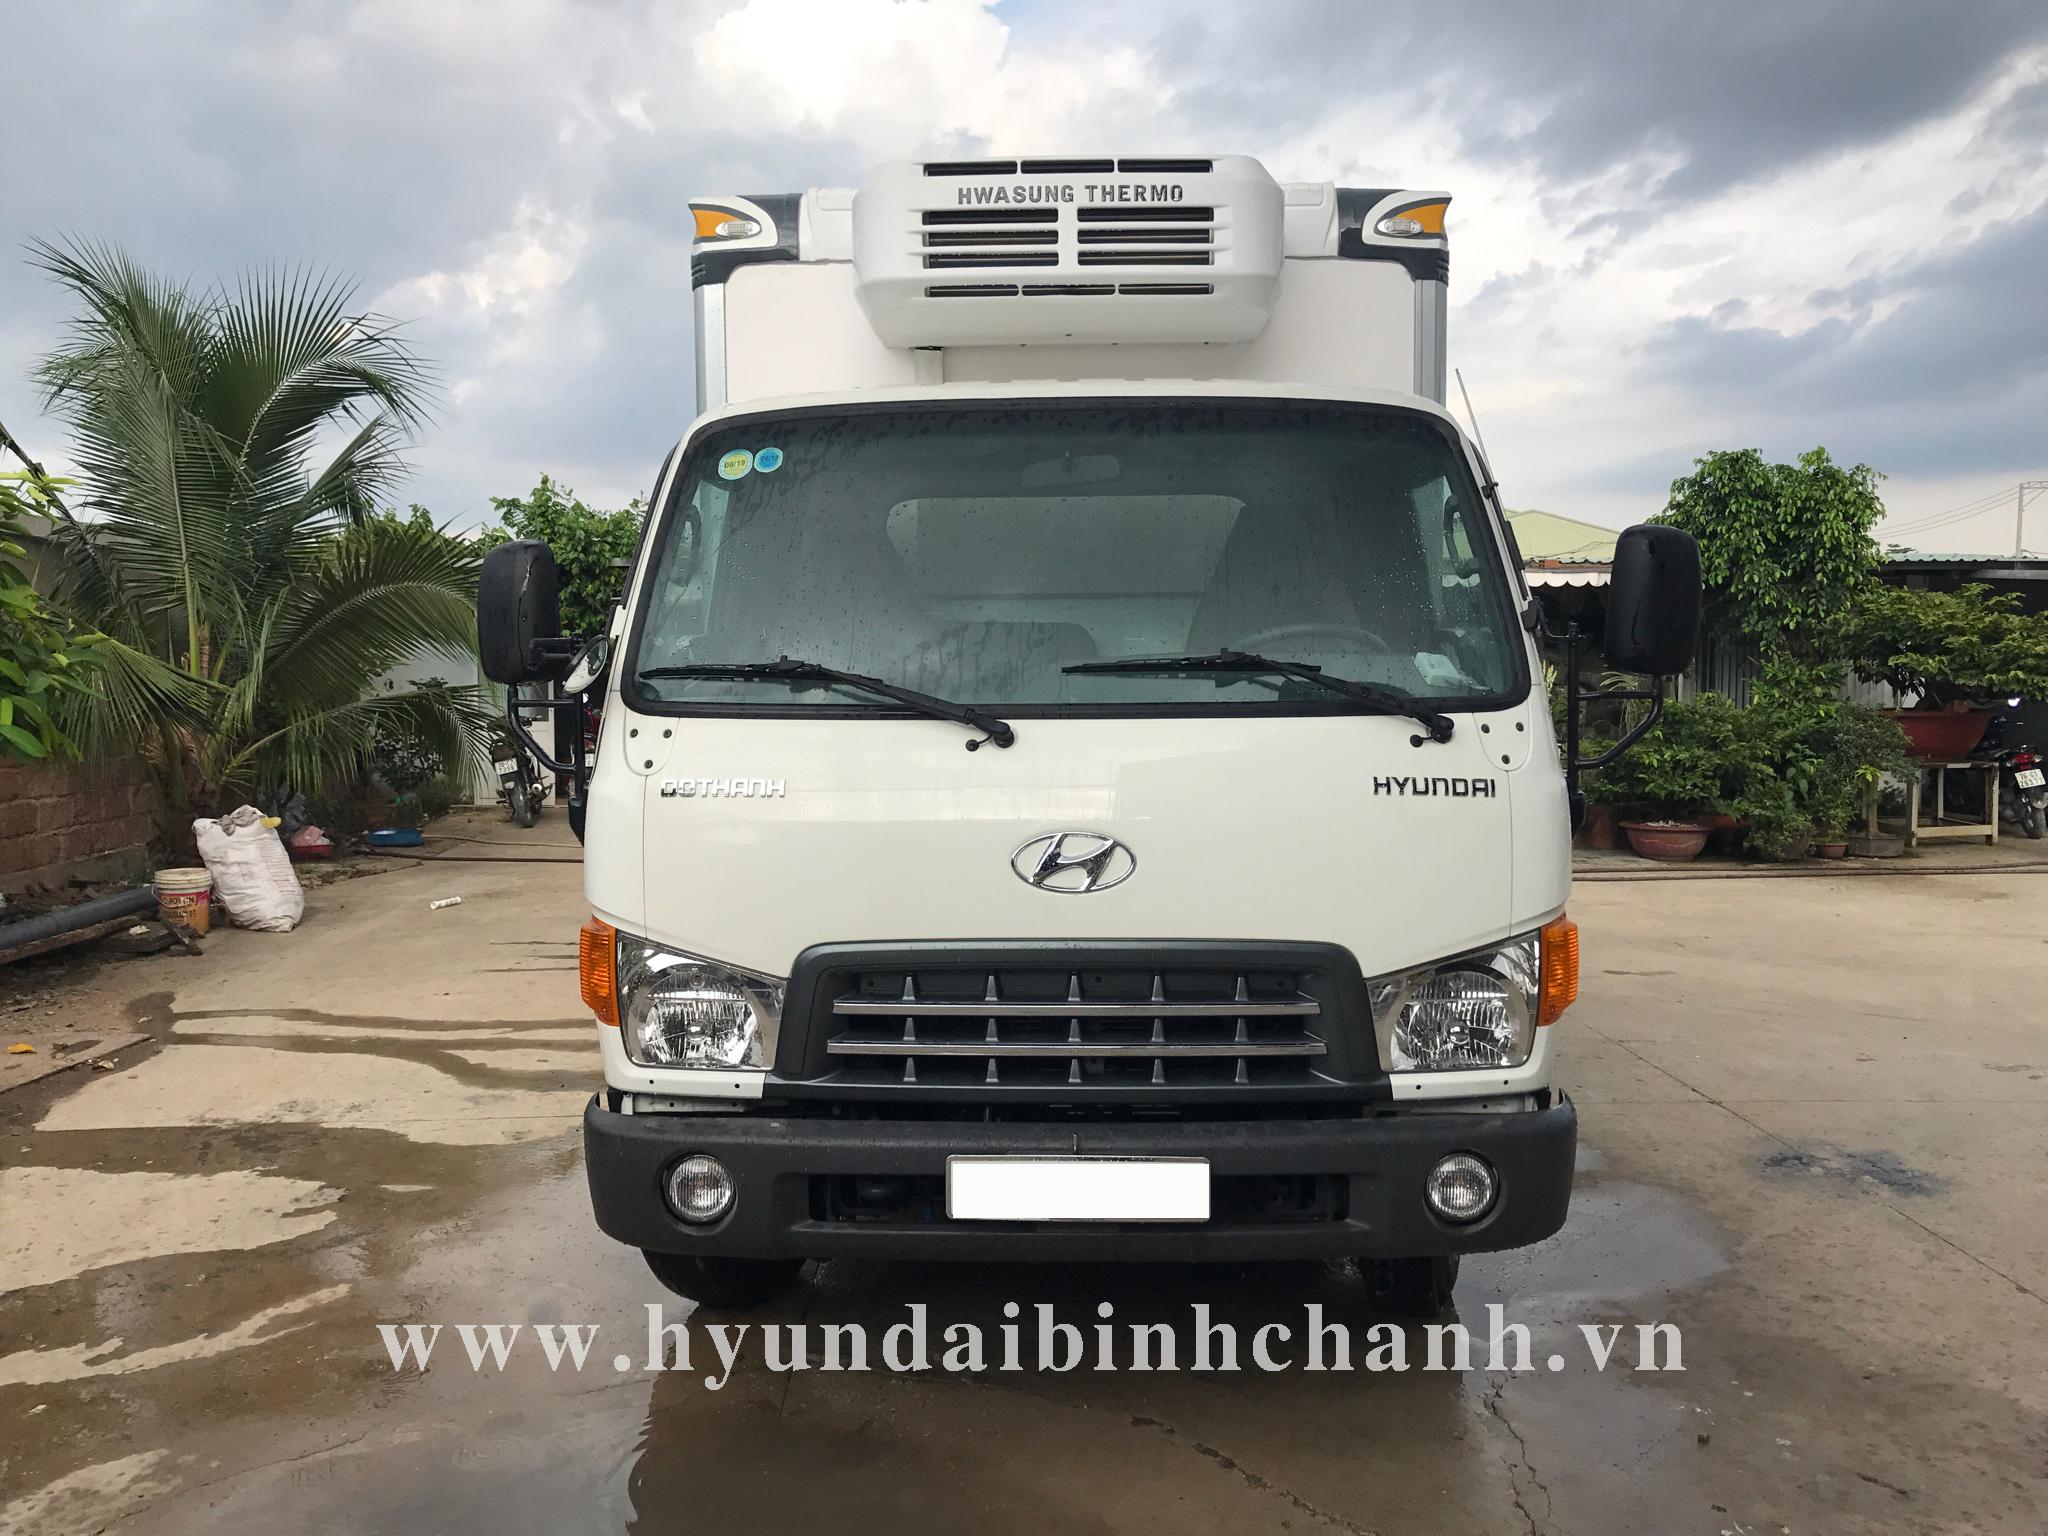 xe-tai-dong-lanh-6-tan-hyundai-hd99 Thùng đông lạnh Hyundai HD99 có khung treo thịt heo | Hyundai Phú Lâm